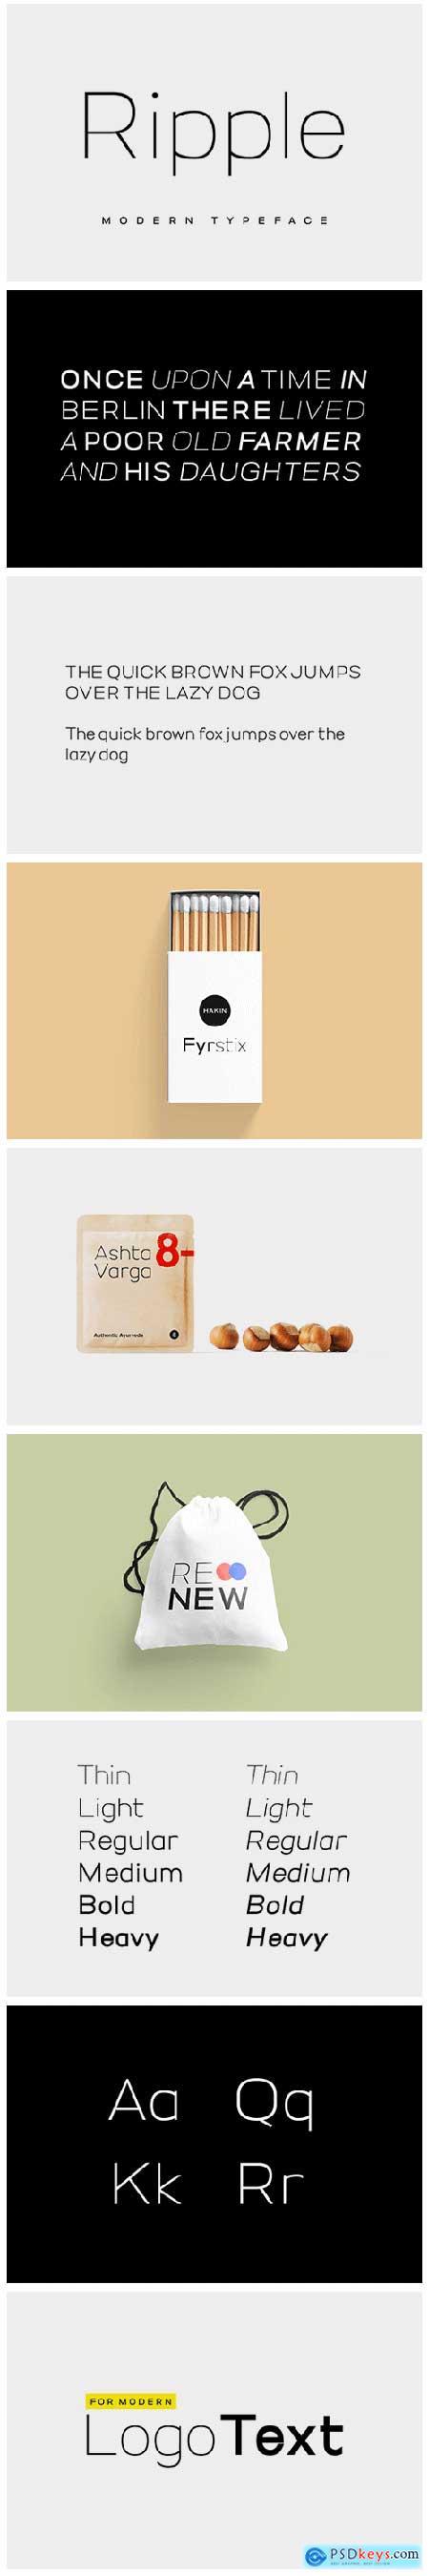 RIPPLE - Minimal & Modern Typeface 4569136